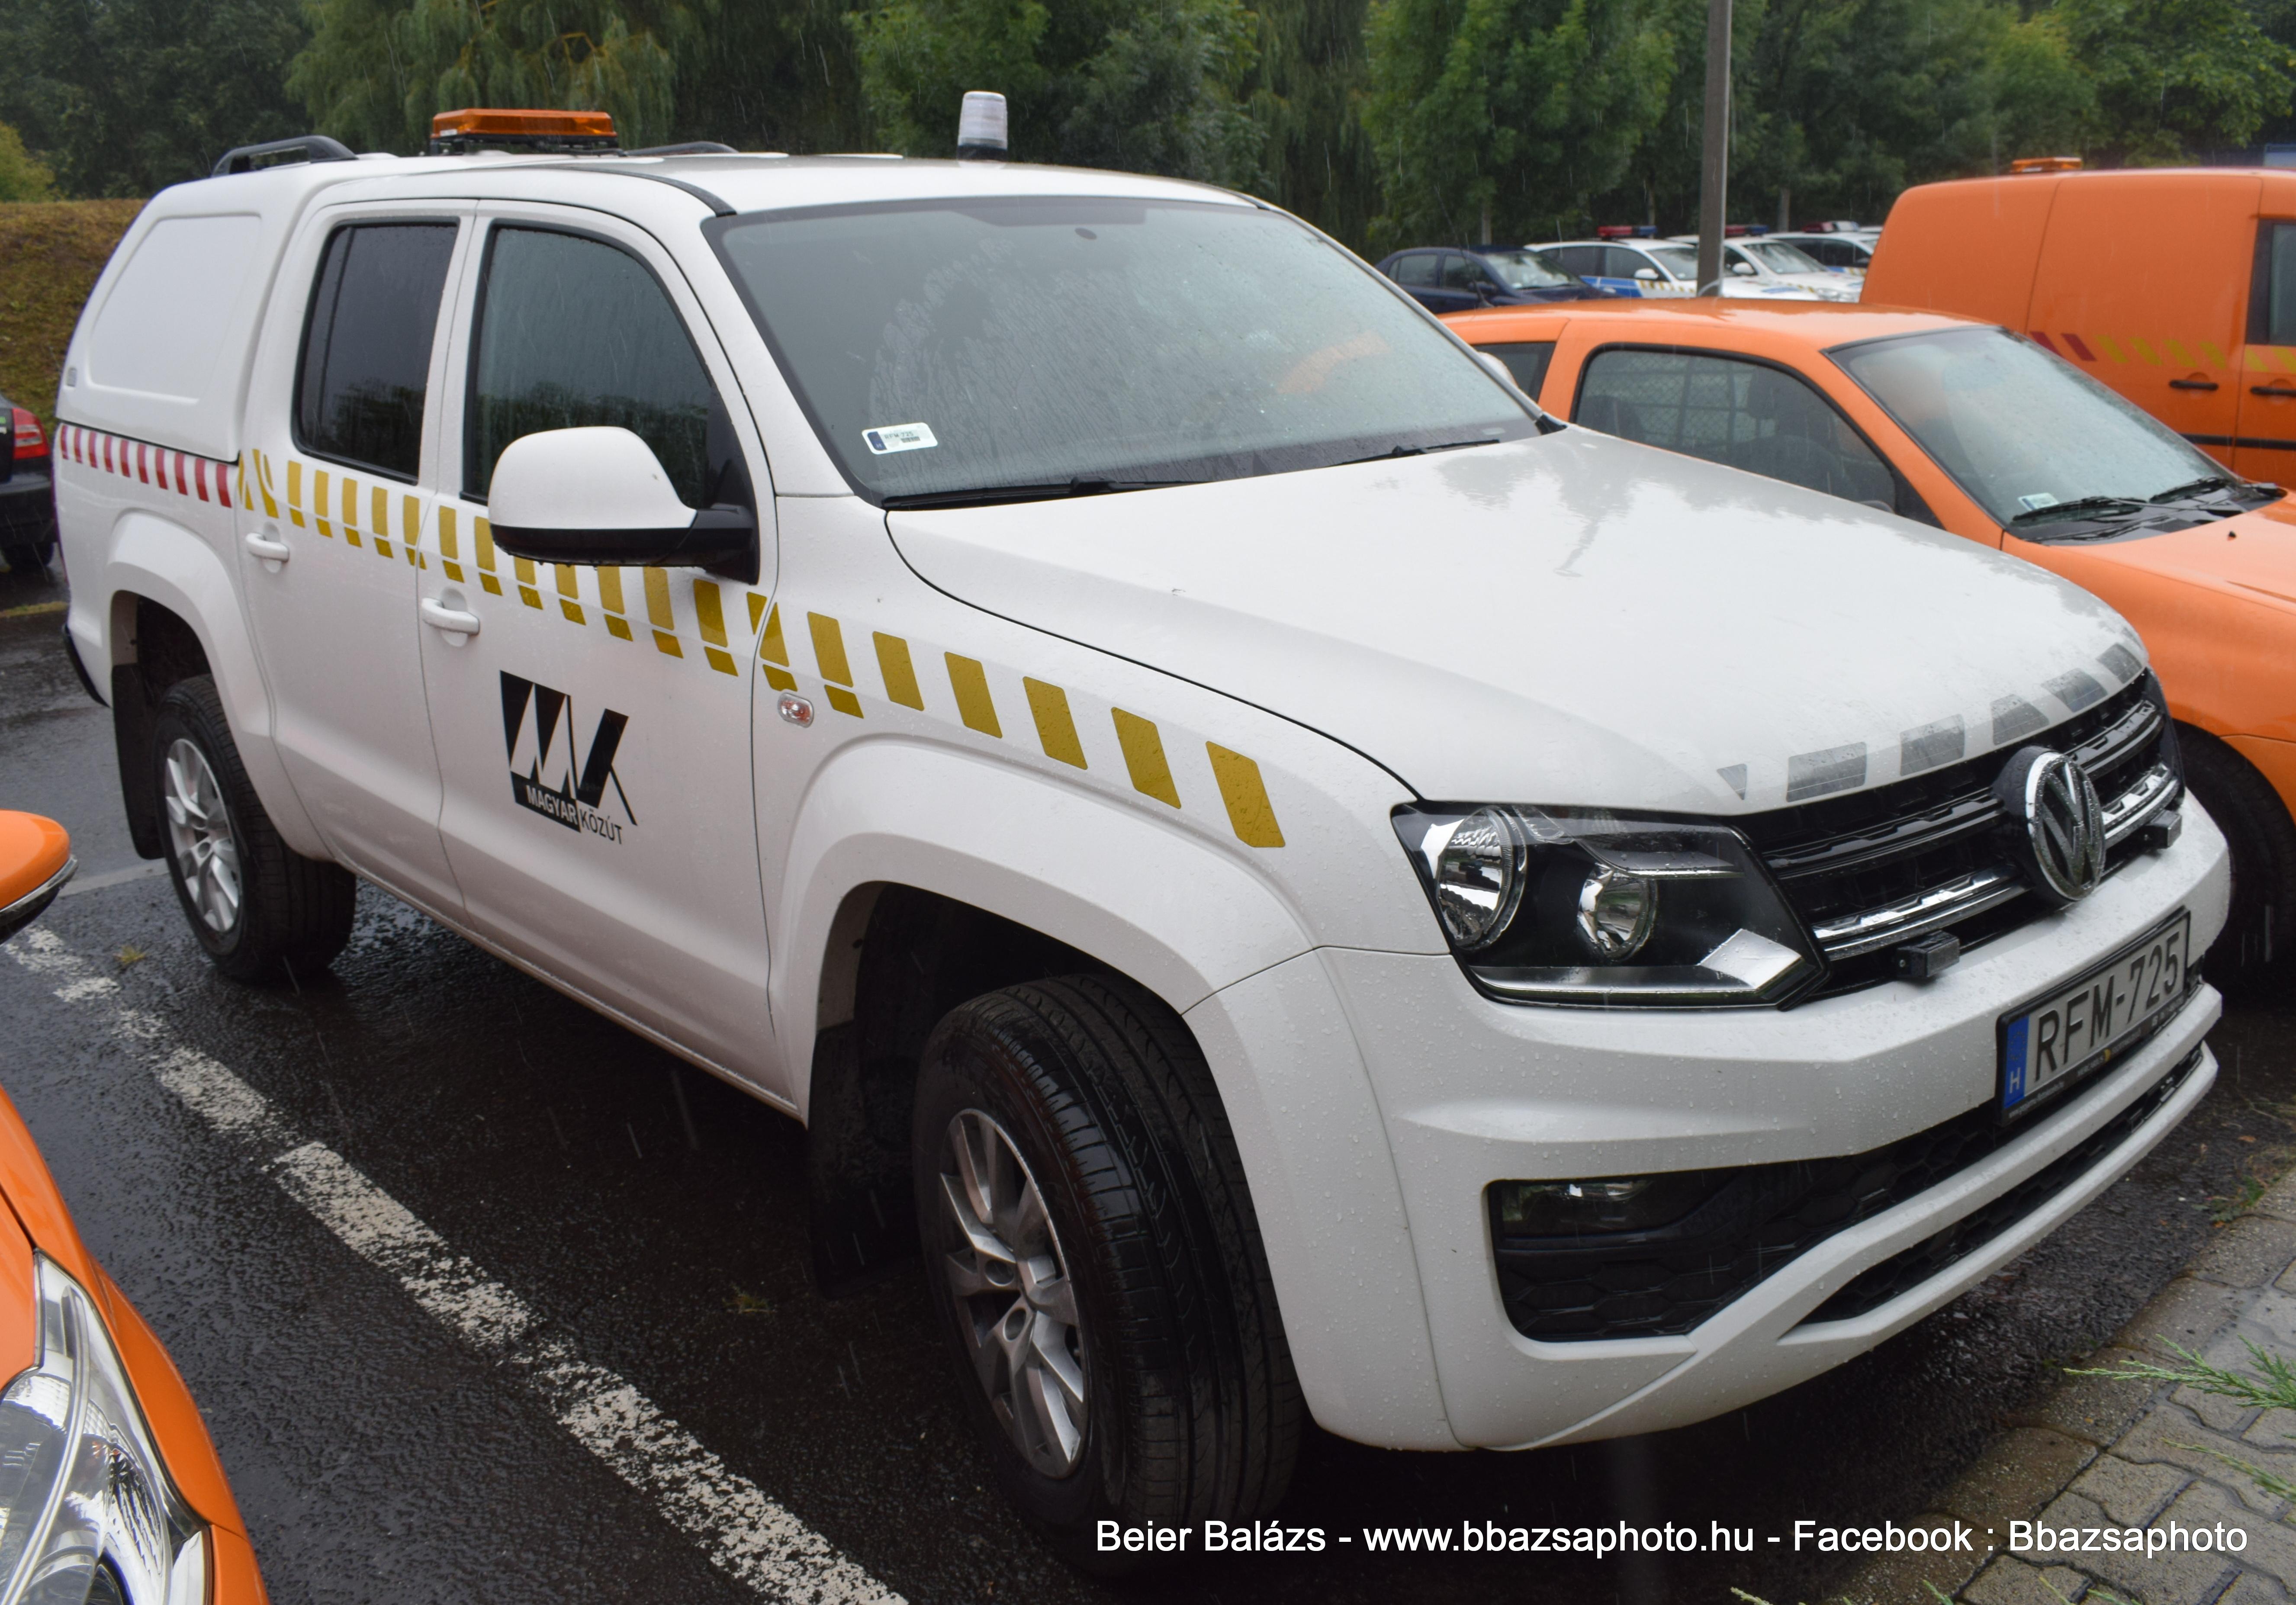 Volkswagen Amarok – Magyar Közút